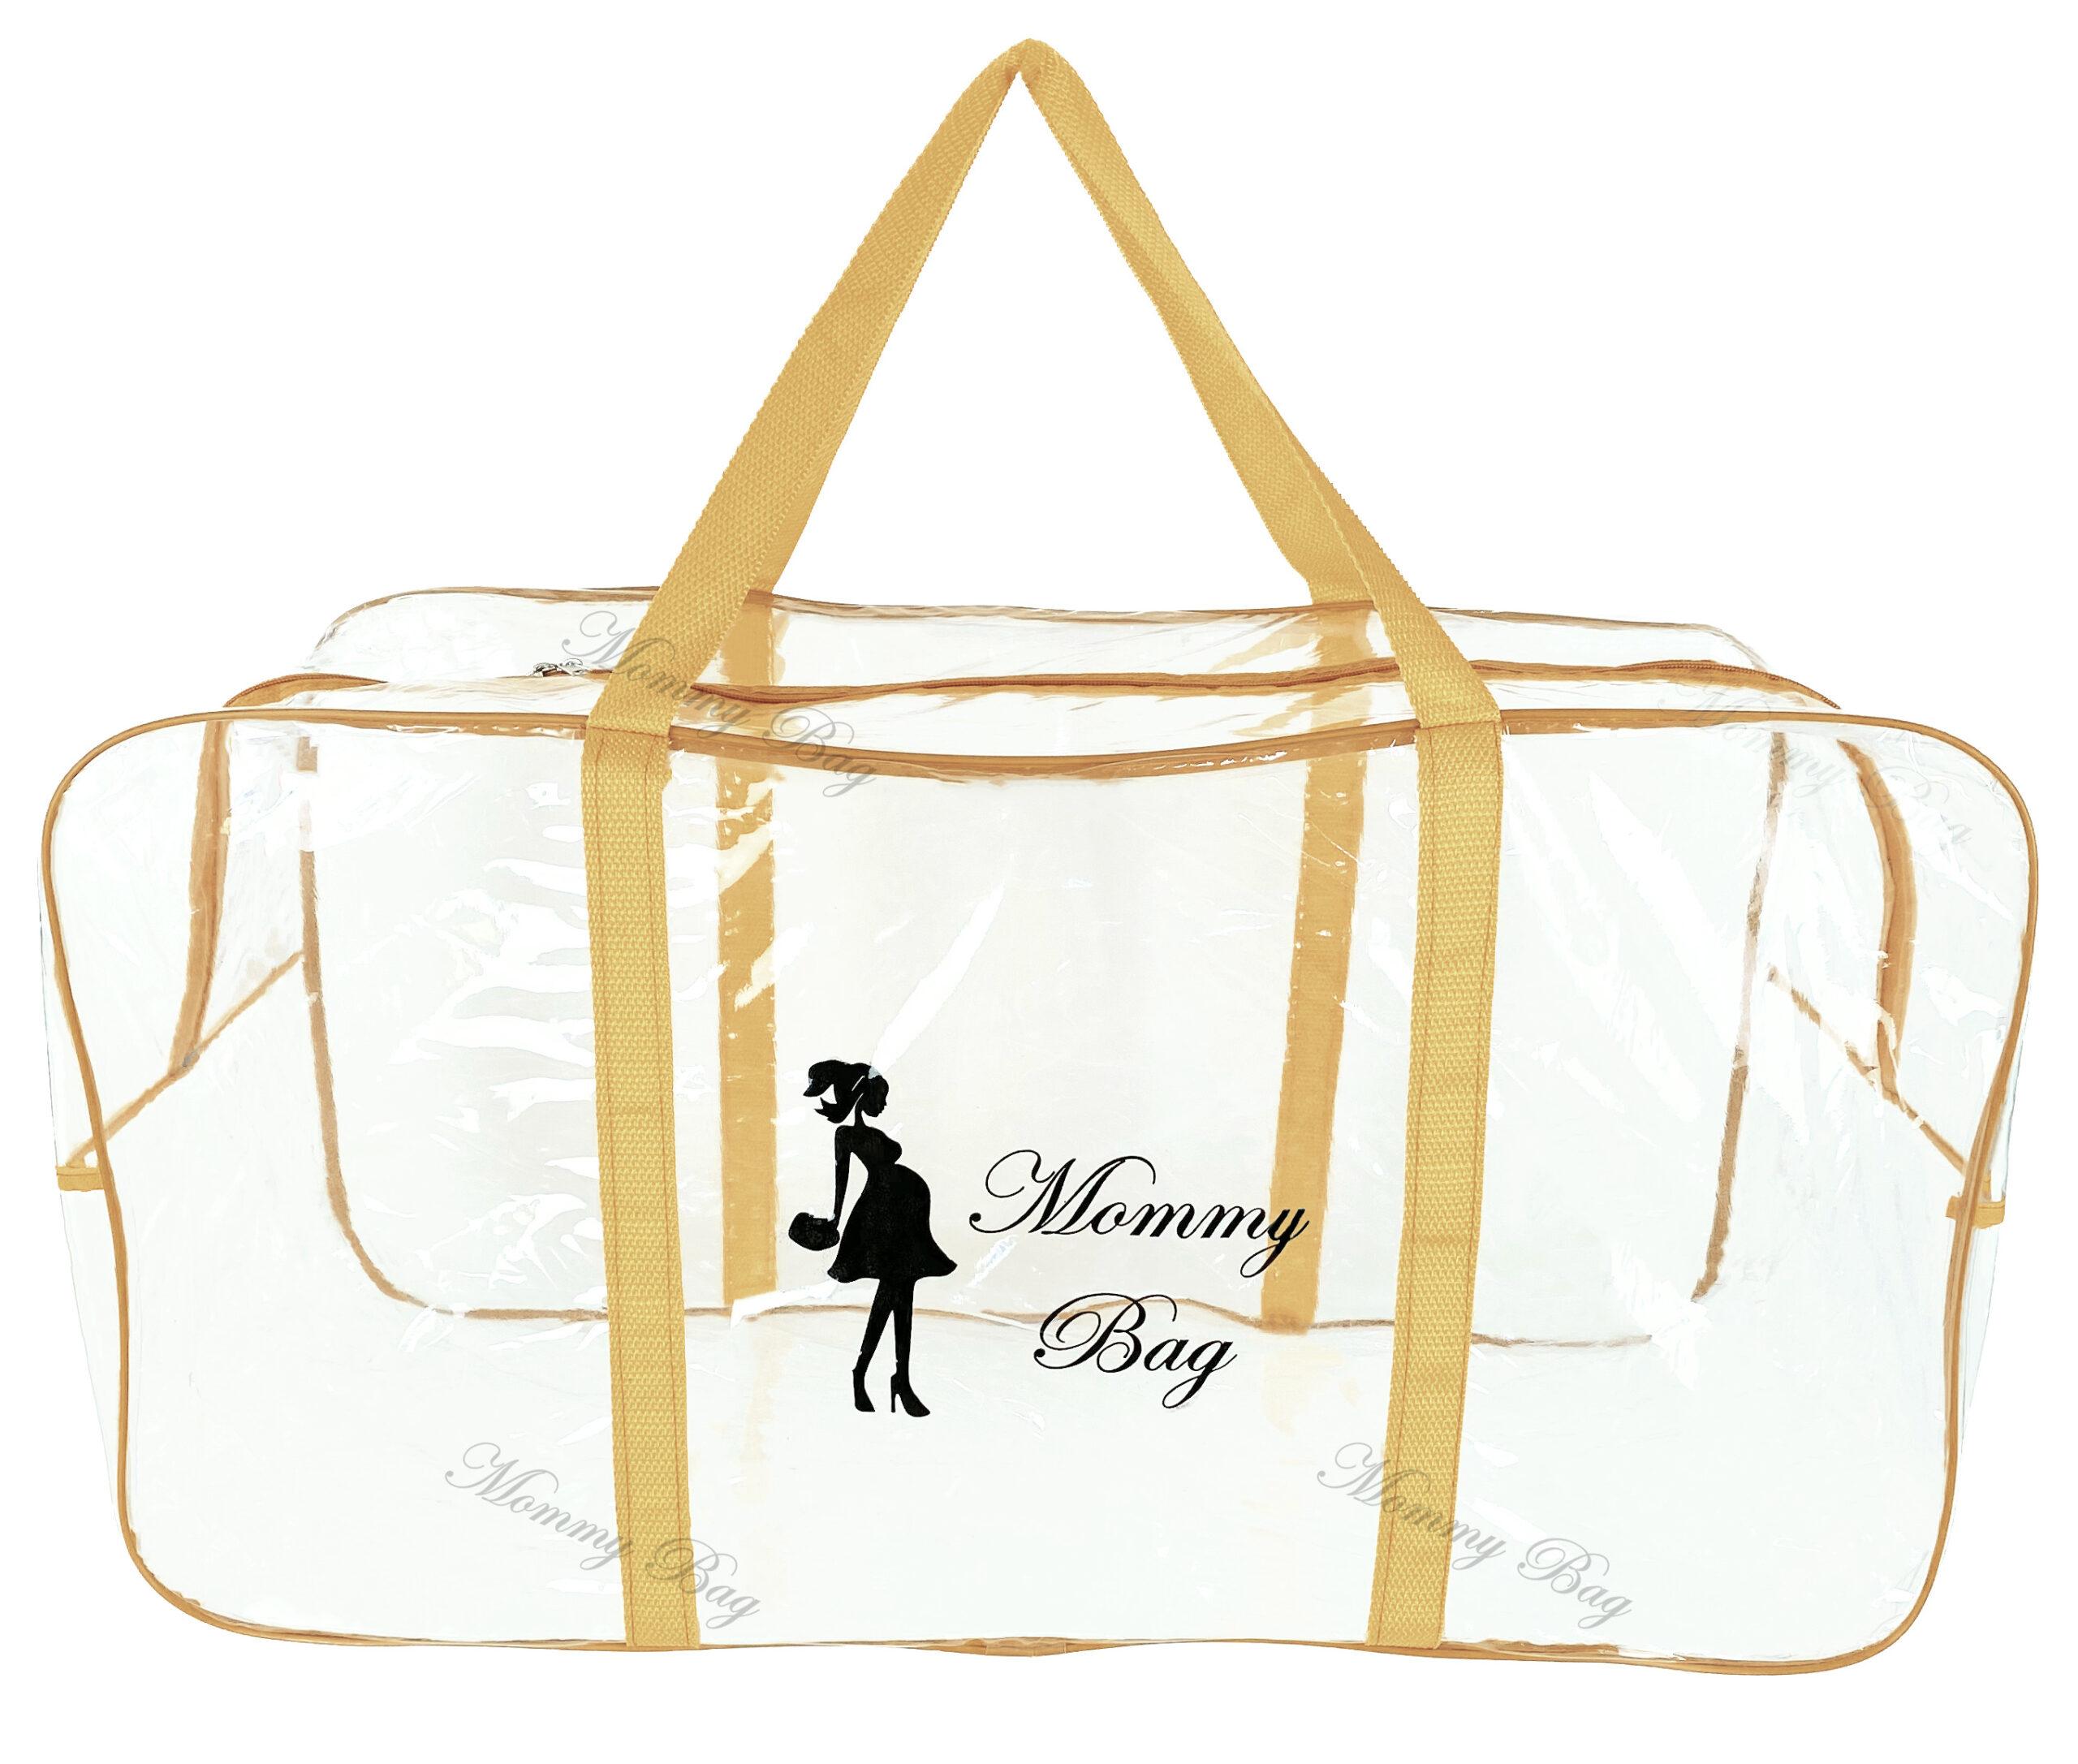 Набір з прозорих сумок в пологовий будинок Mommy Bag, колір сумки - Бежевий. Зображення 4